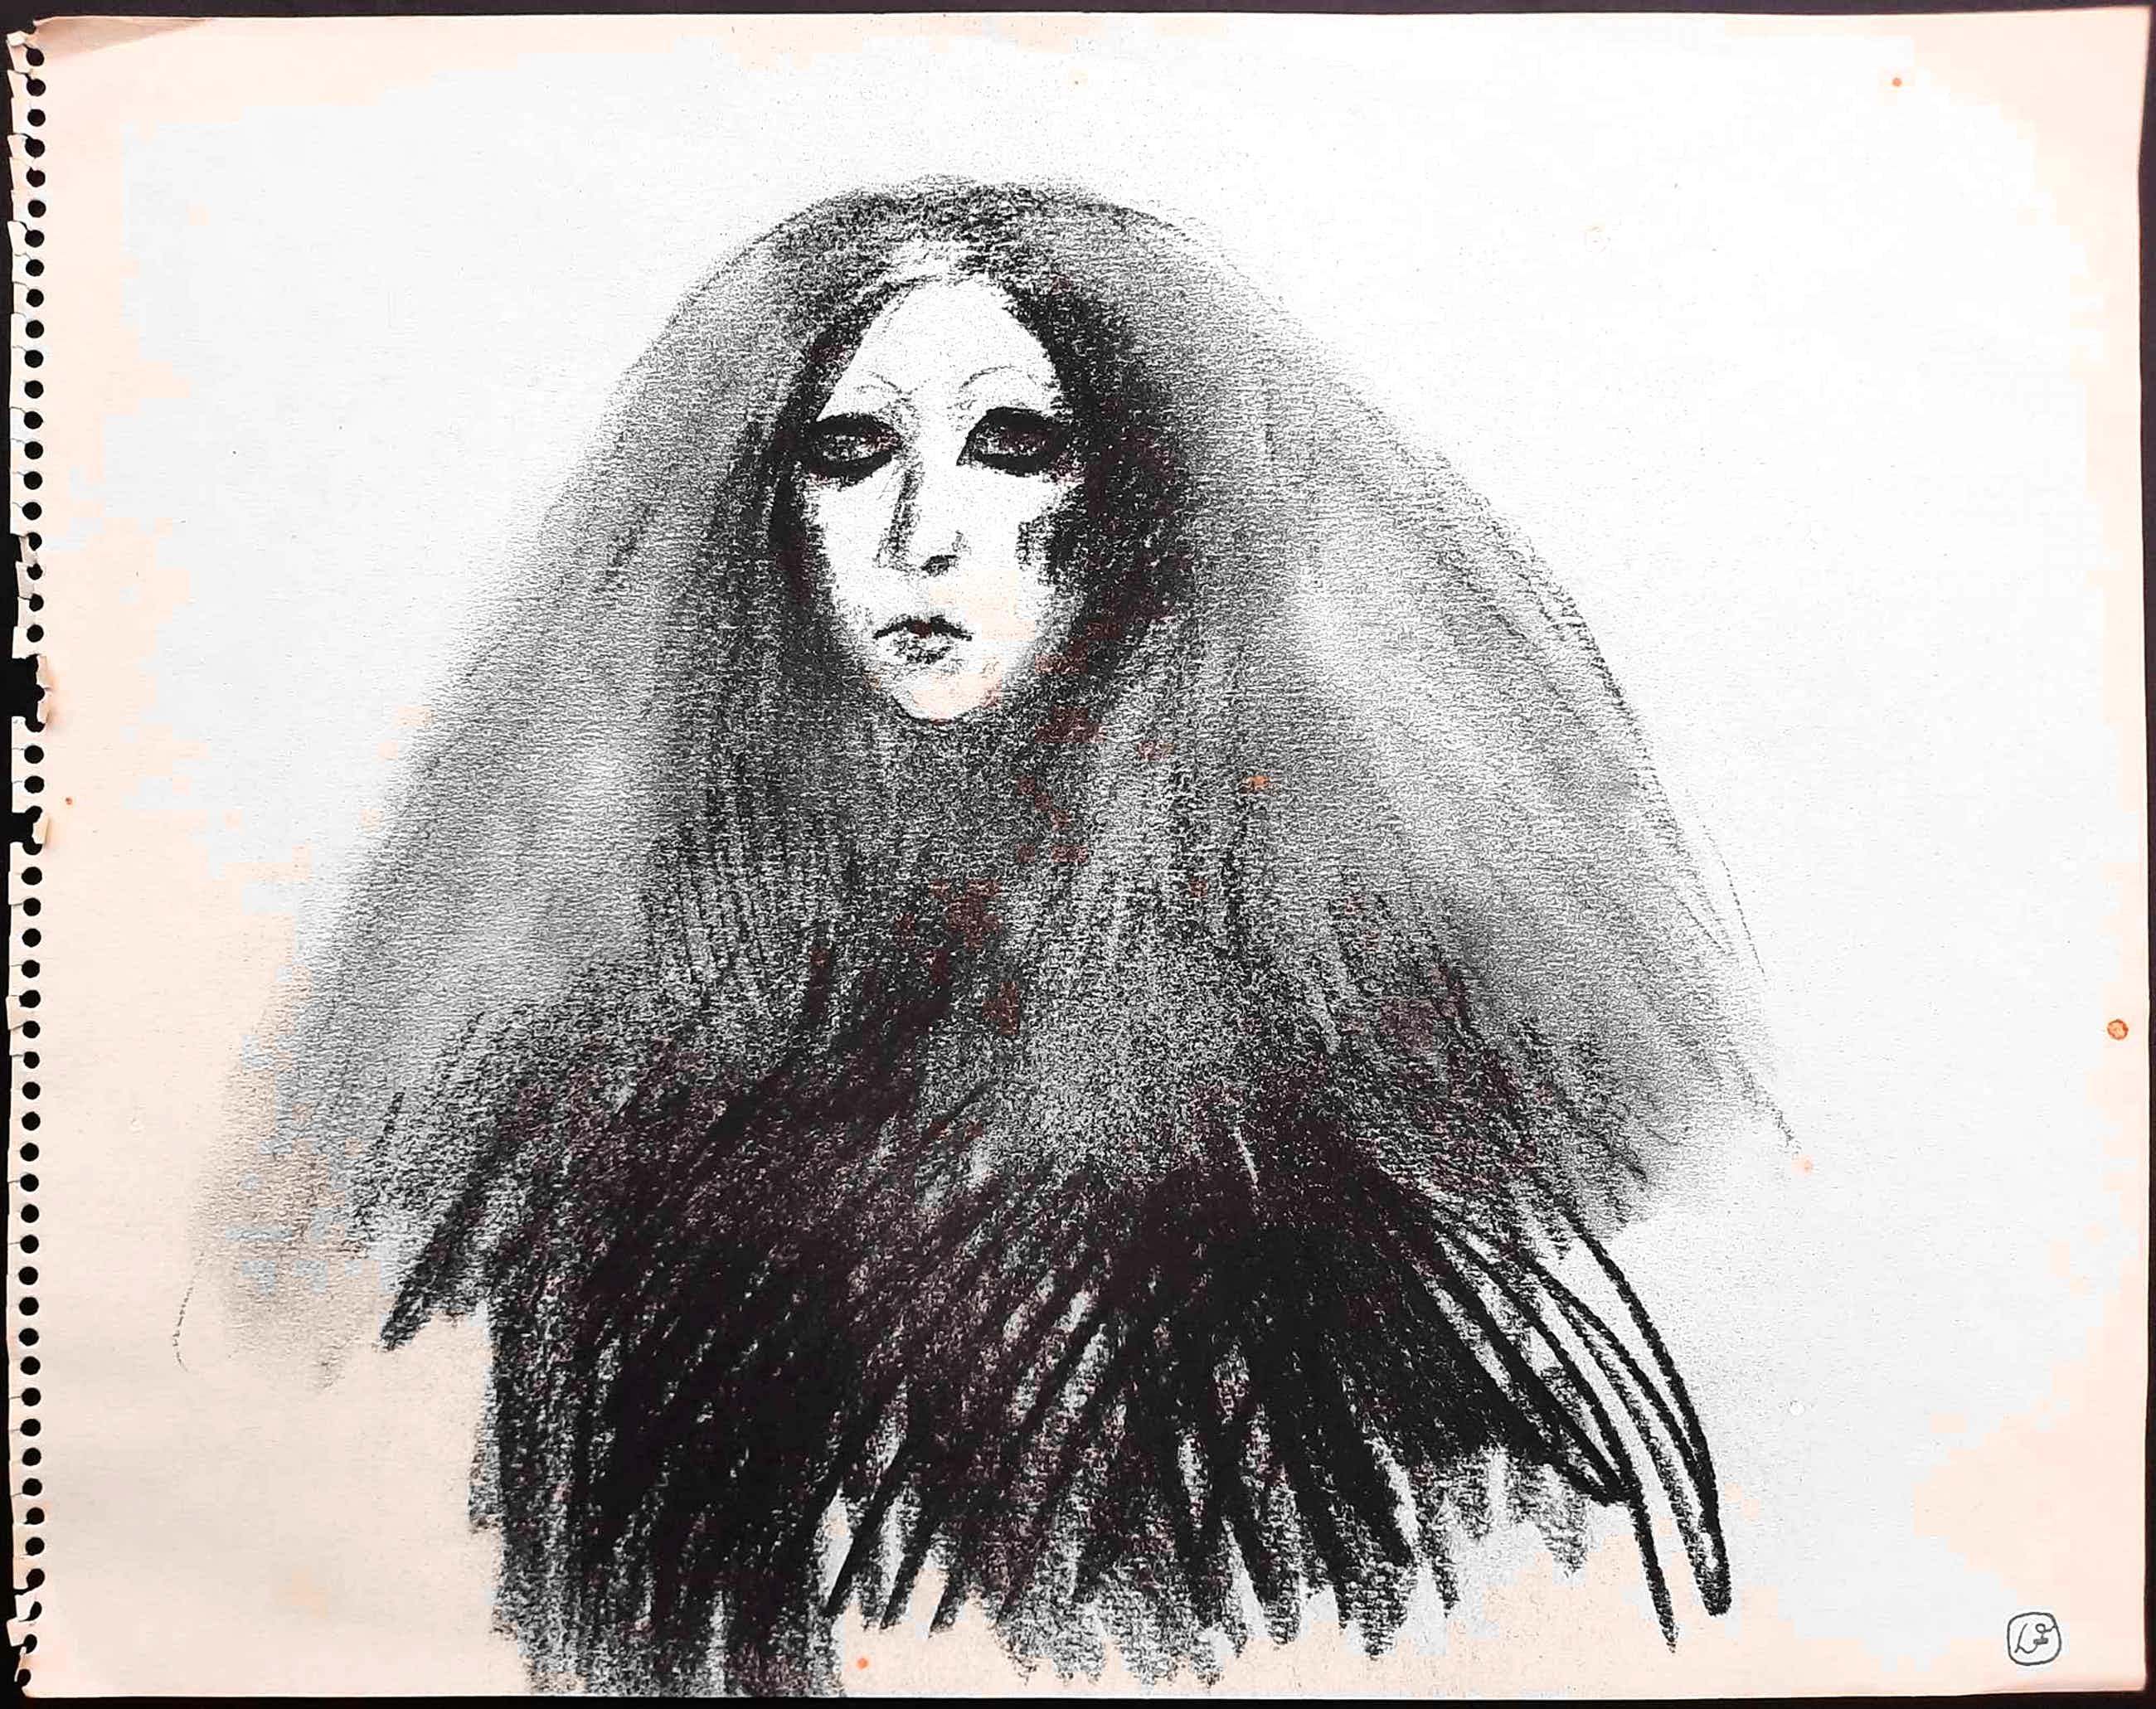 Luis Filcer - Portret – unicum - 21518 kopen? Bied vanaf 95!